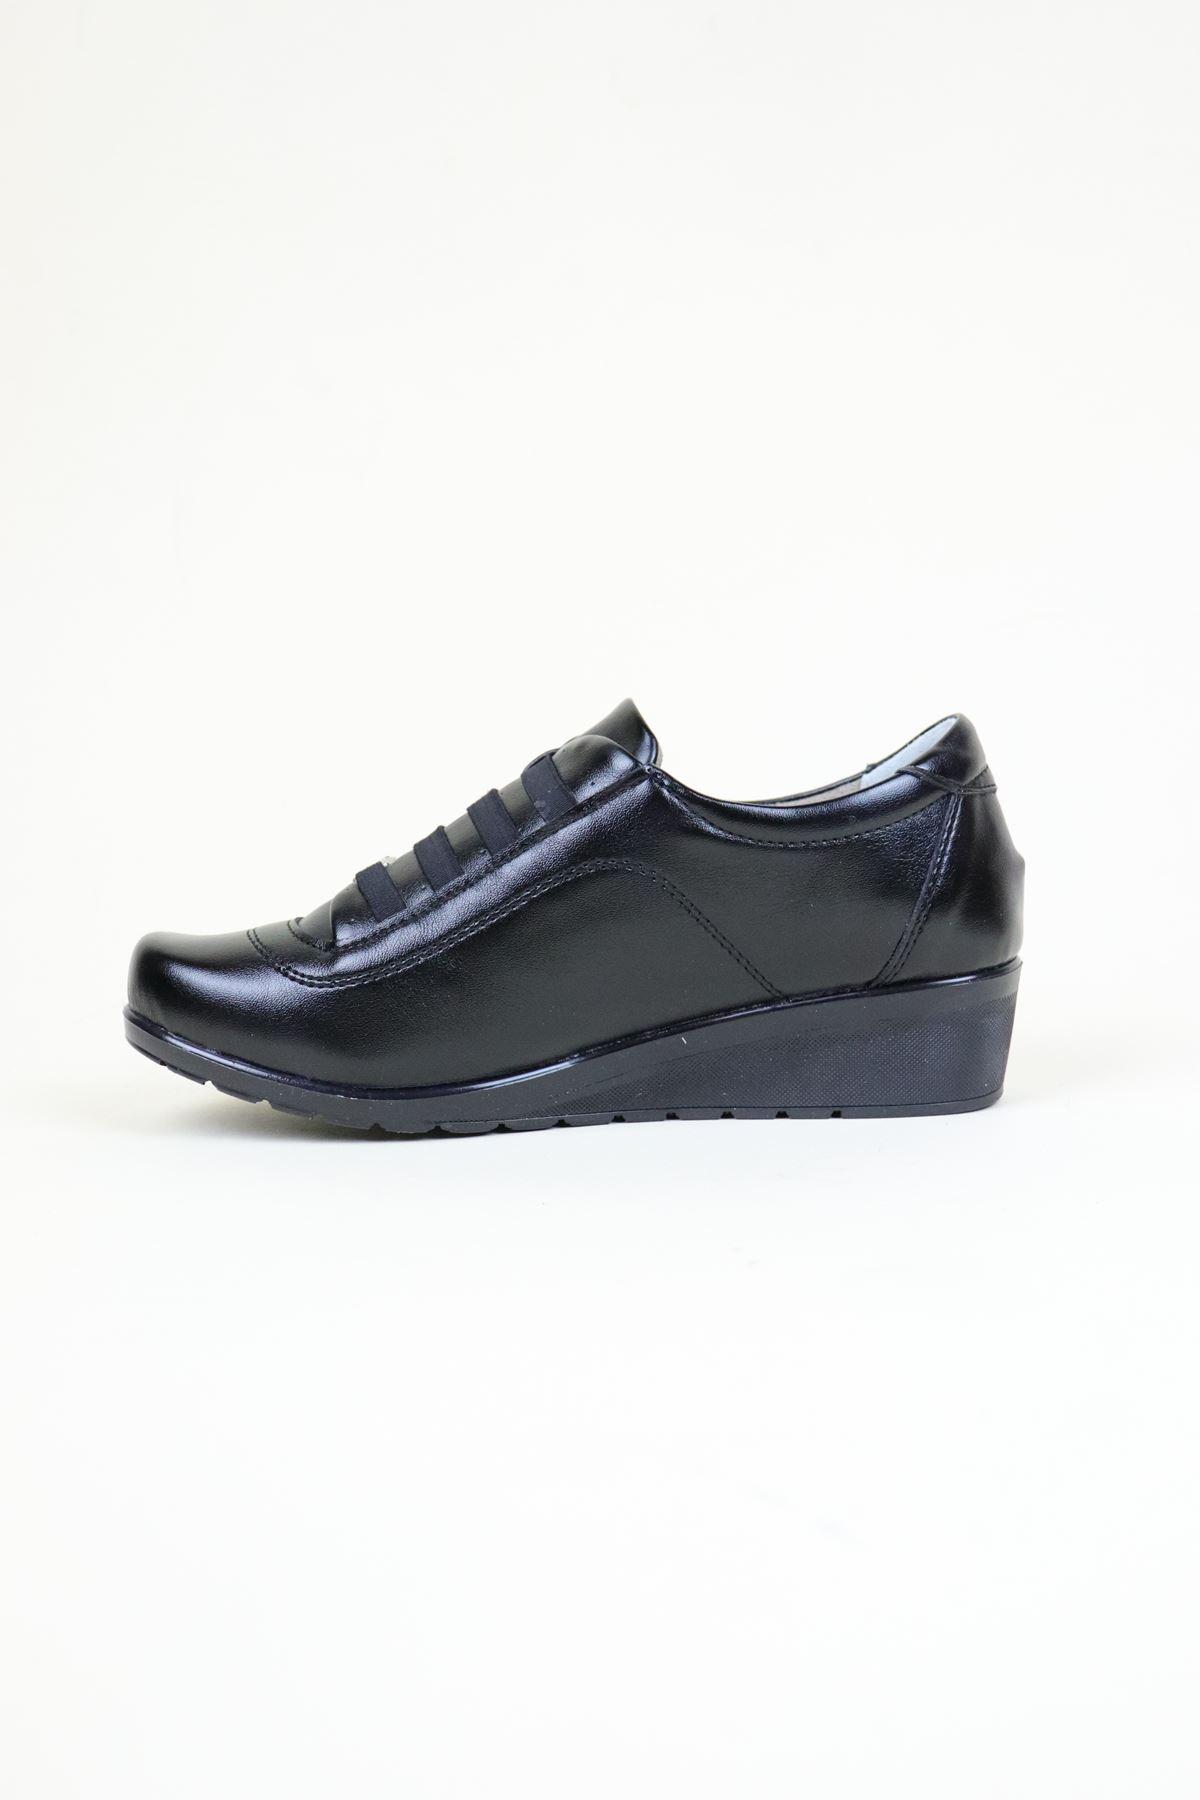 Edik 207 Ortopedik Siyah Kadın Ayakkabı